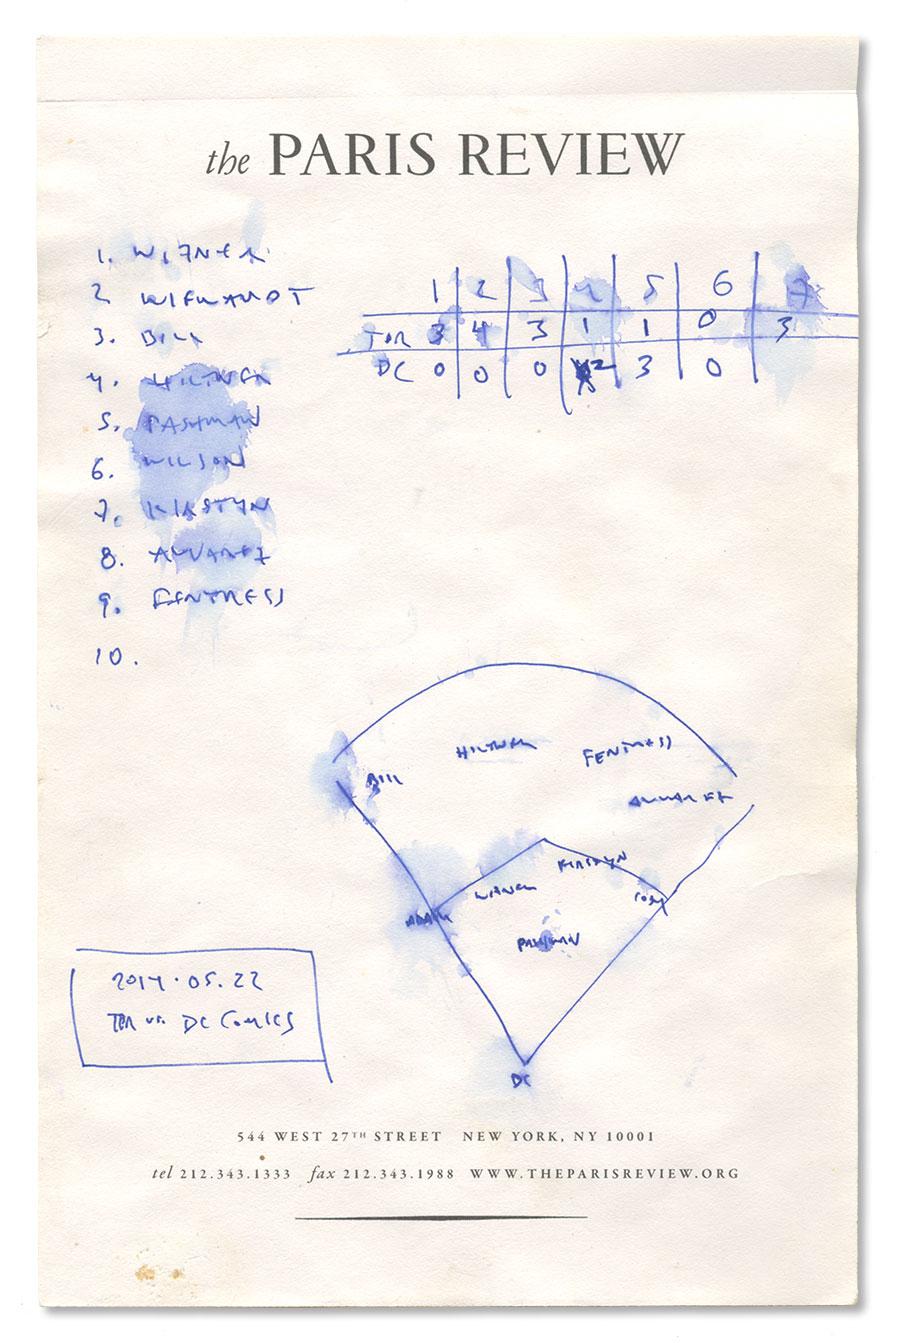 Scorecard-(2014-05-22)